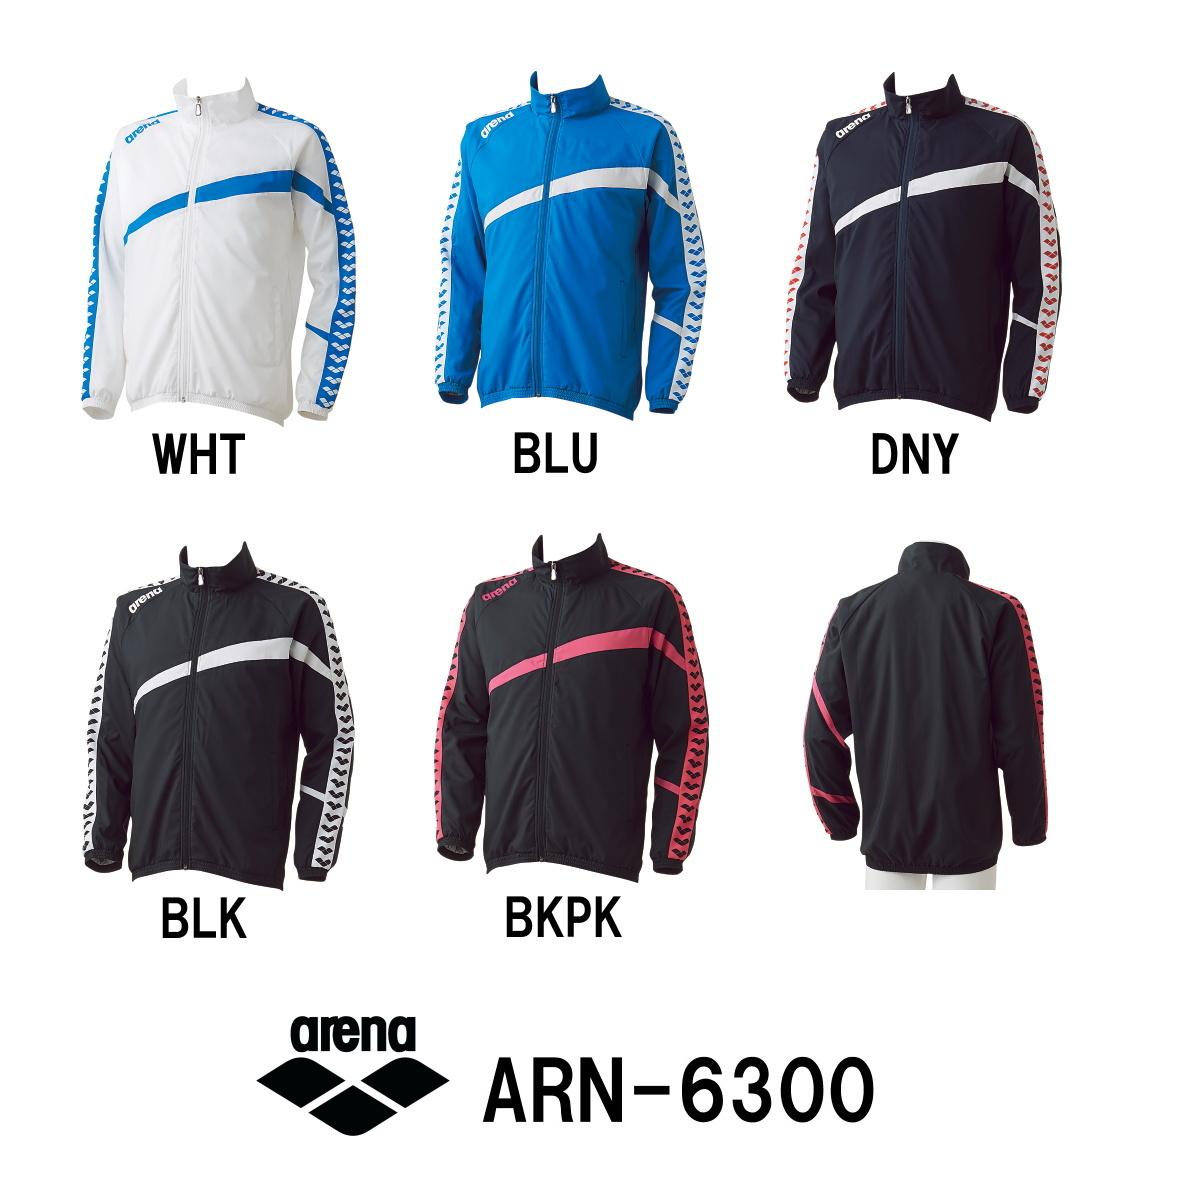 【ARN-6300】ARENA(アリーナ) ウィンドジャケット[トレーニングウェア/デルタウーブン/メンズ/レディース/レディス/男女共通]